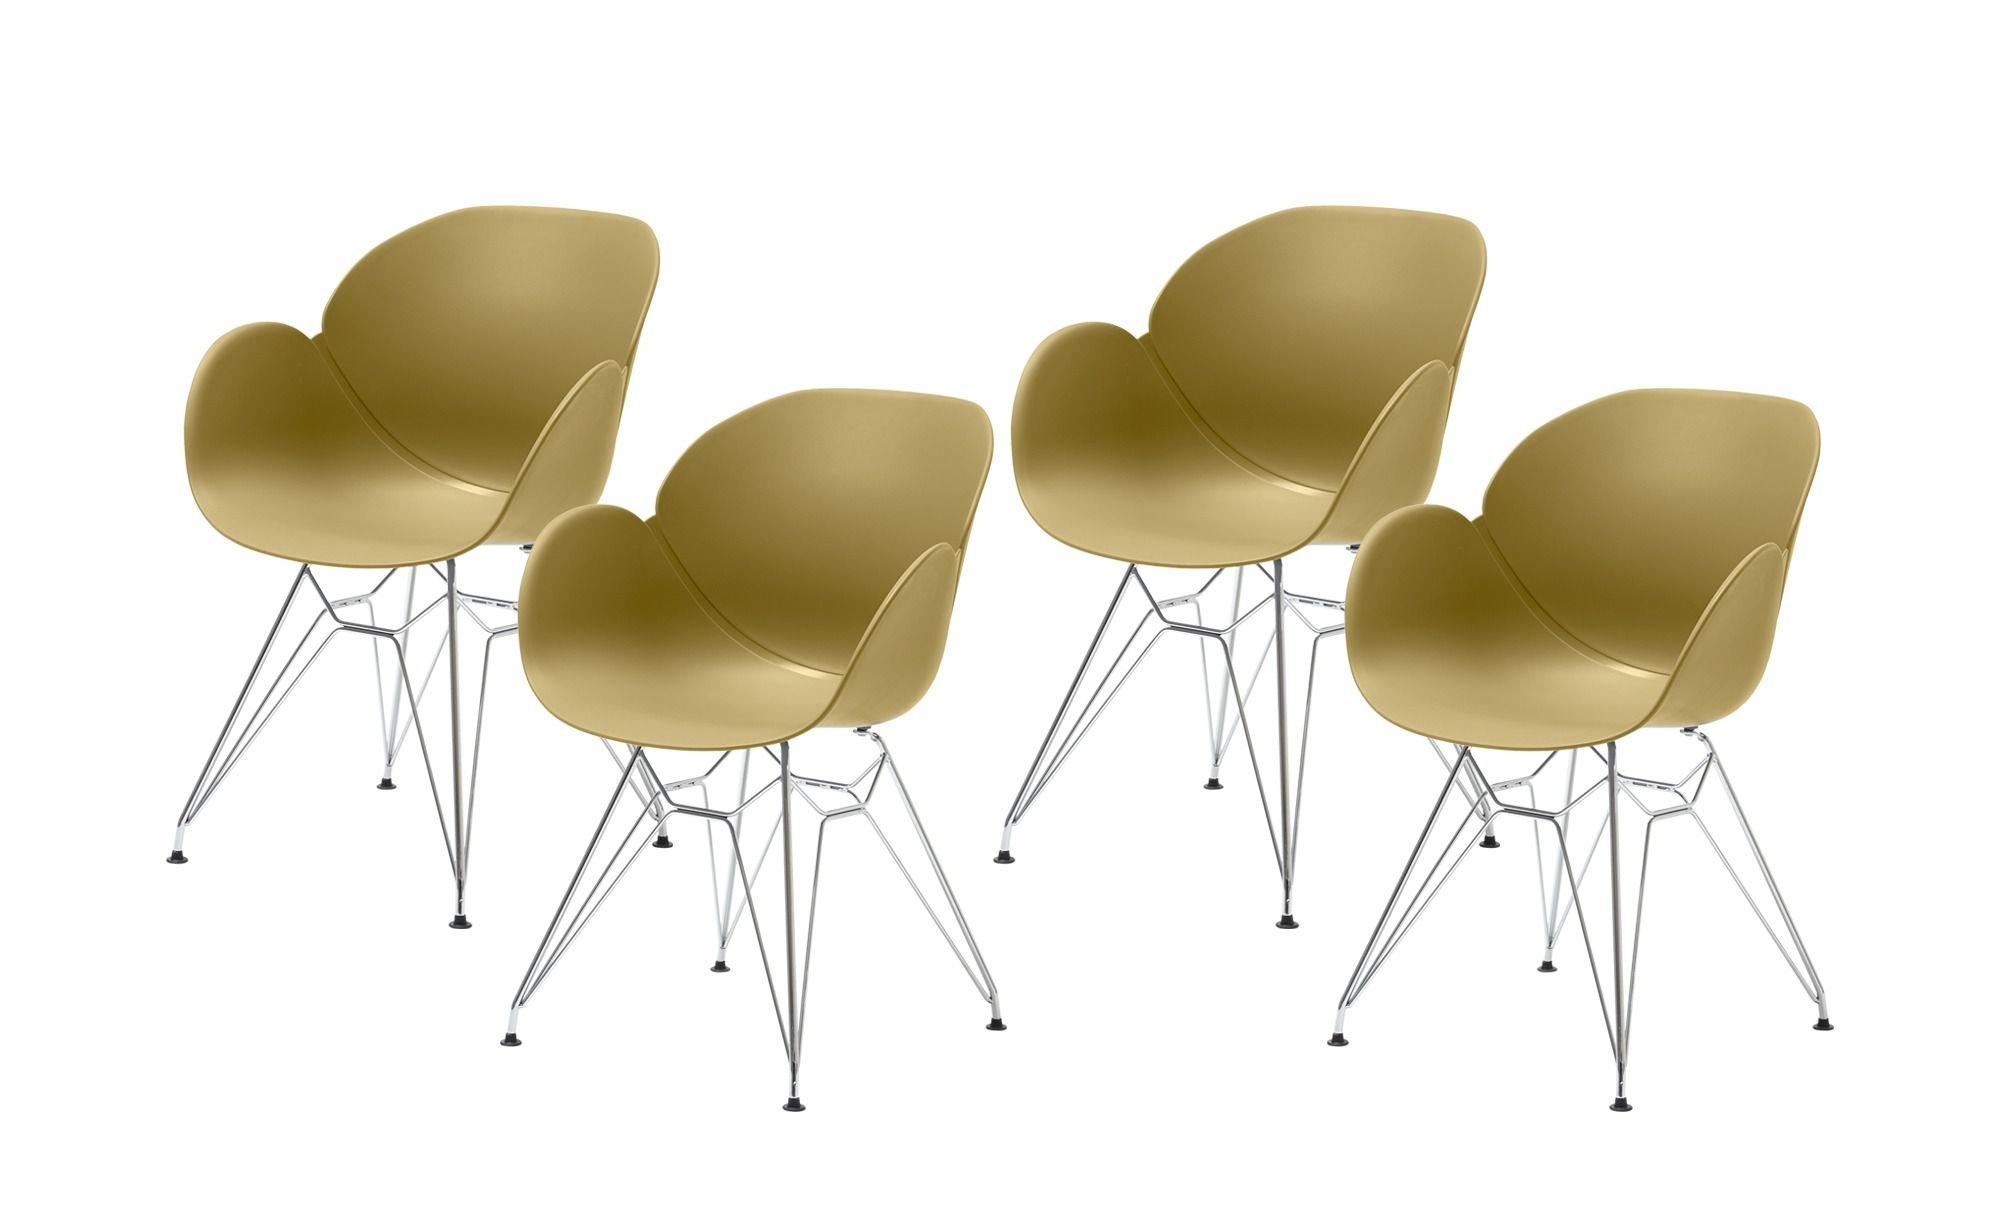 4 Er Set Stühle Sushi Jetzt Bestellen Unter:  Https://moebel.ladendirekt.de/kueche Und Esszimmer/stuehle Und Hocker/esszimmerstuehle/?uidu003d247c3b38 Fdcd 528b   ...